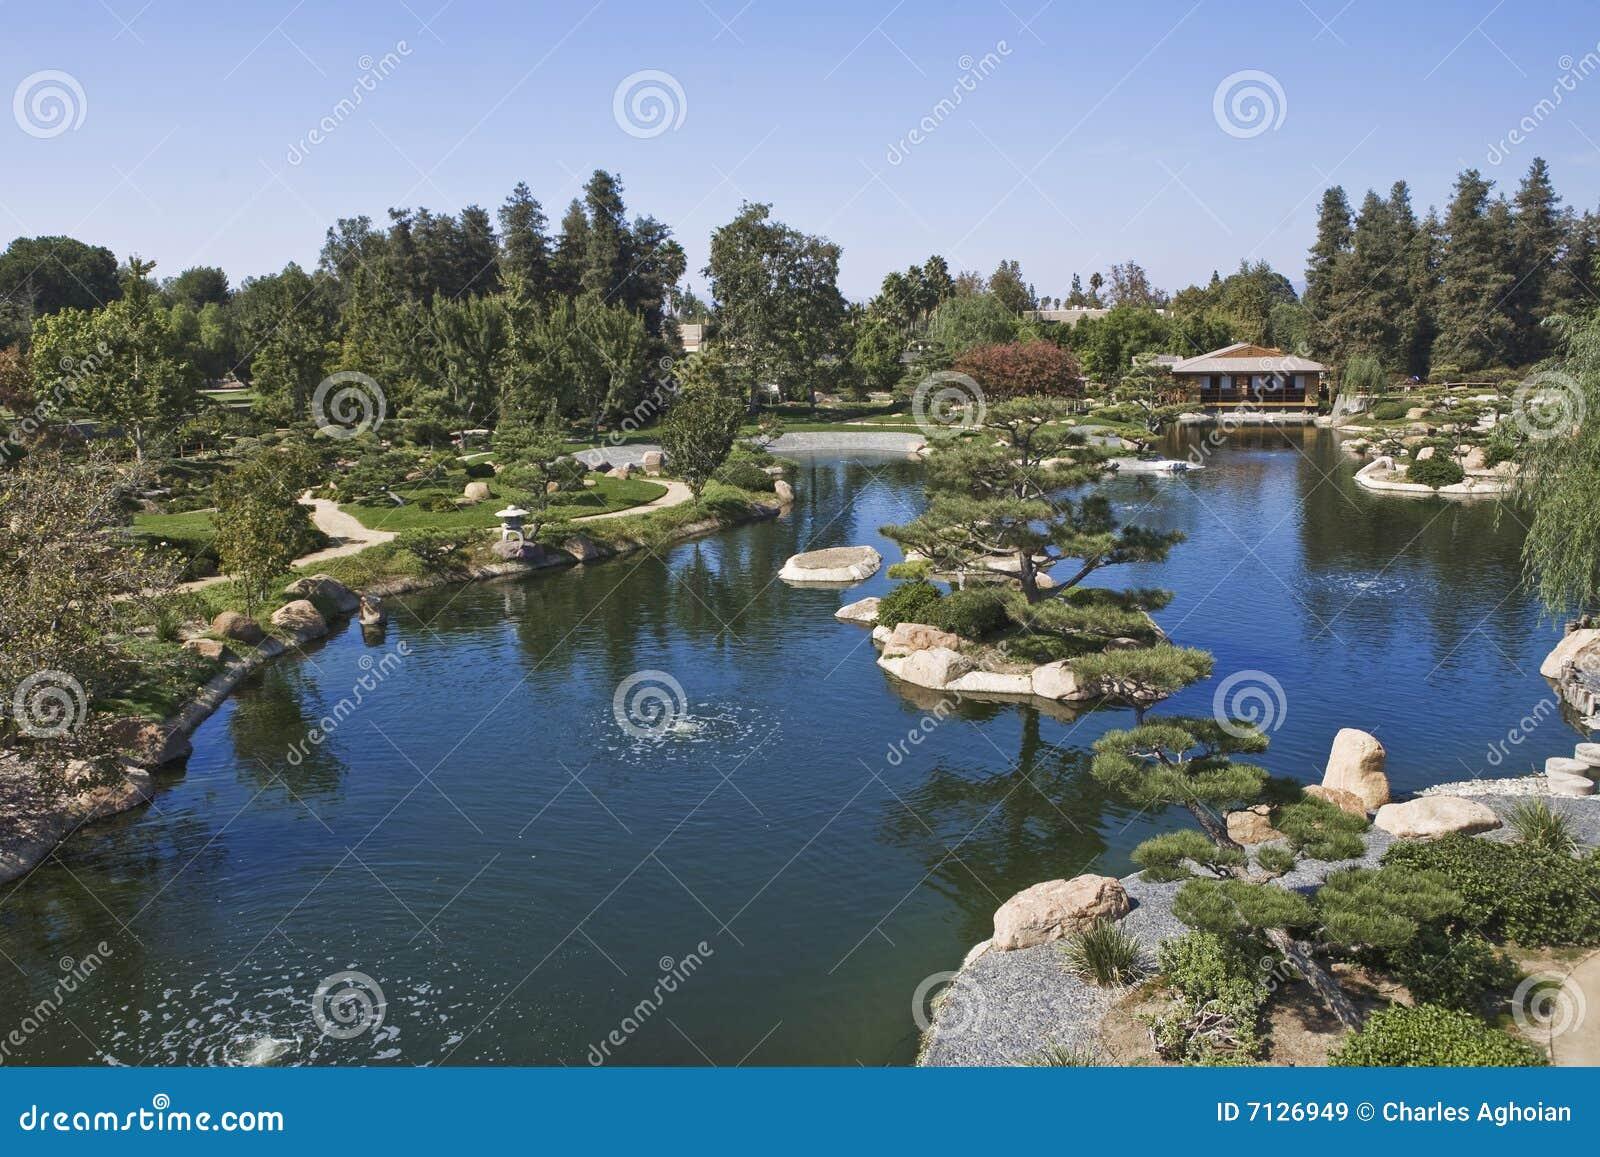 Giardini giapponesi immagini stock libere da diritti - Giardini giapponesi ...